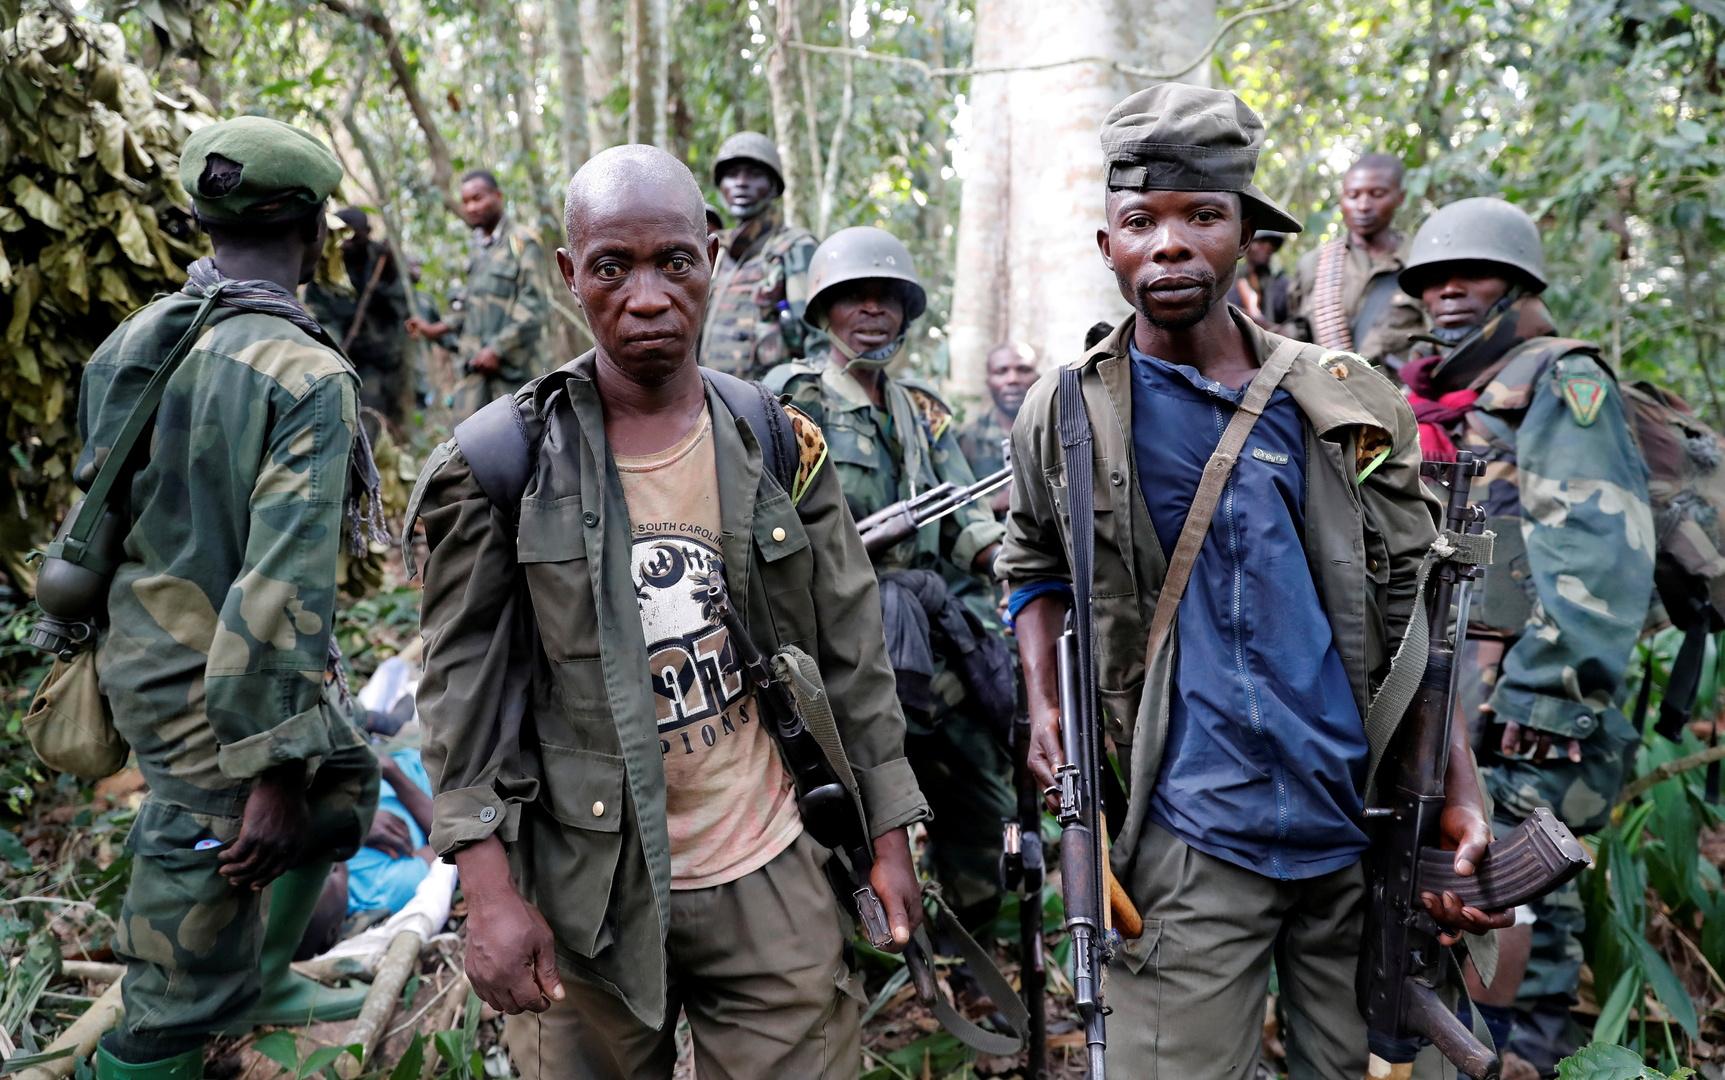 مقتل 22 مدنيا في الكونغو الديمقراطية في معارك وأعمال عنف عرقية